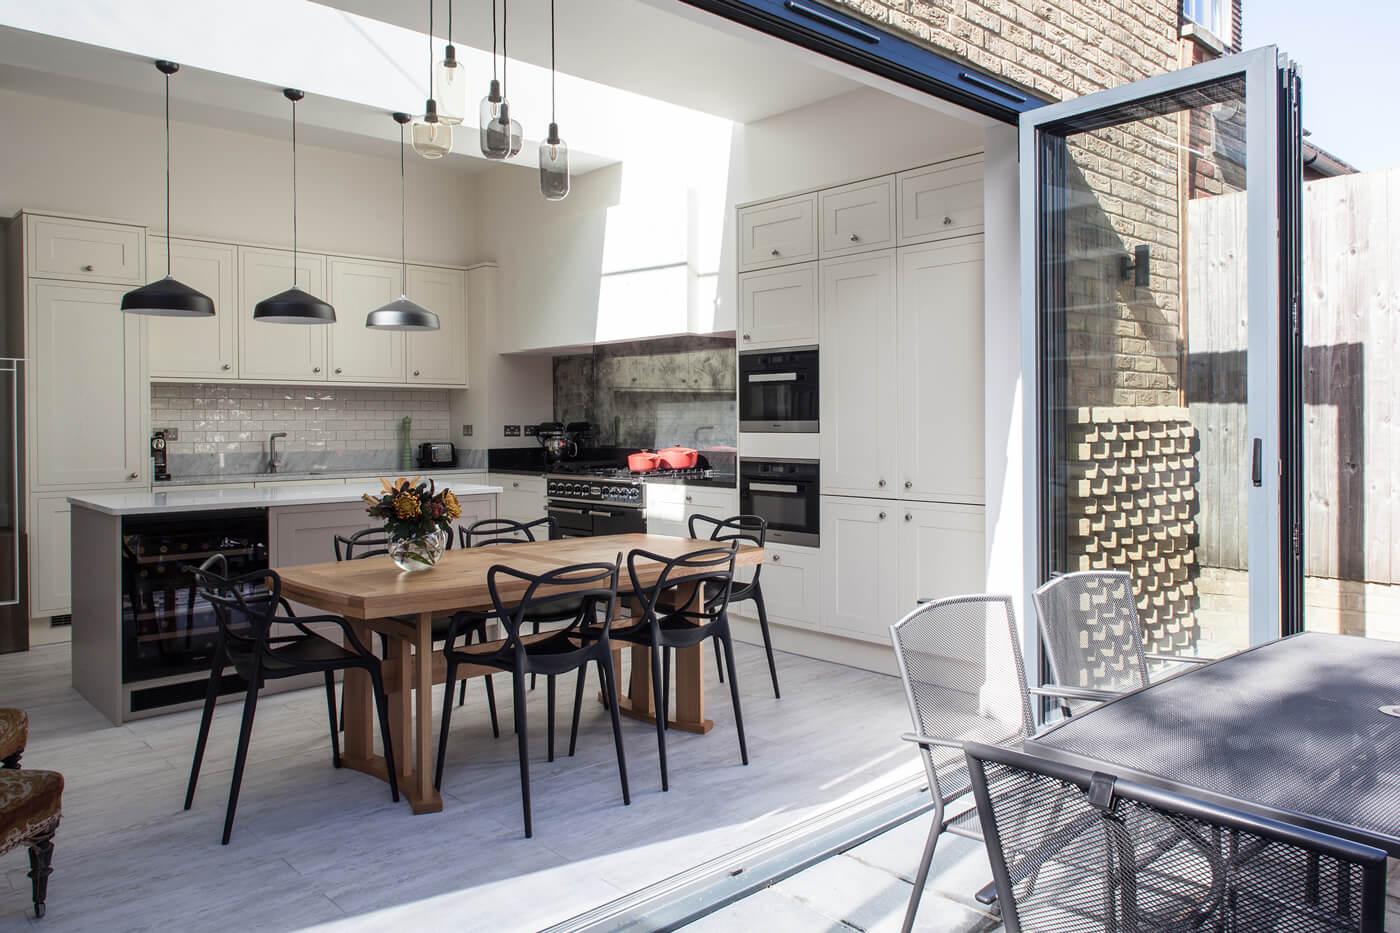 Hoe zorg je er met een dakraam voor dat een keukenaanbouw een lichte en ruimtelijke uitbreiding is van de leefruimte?